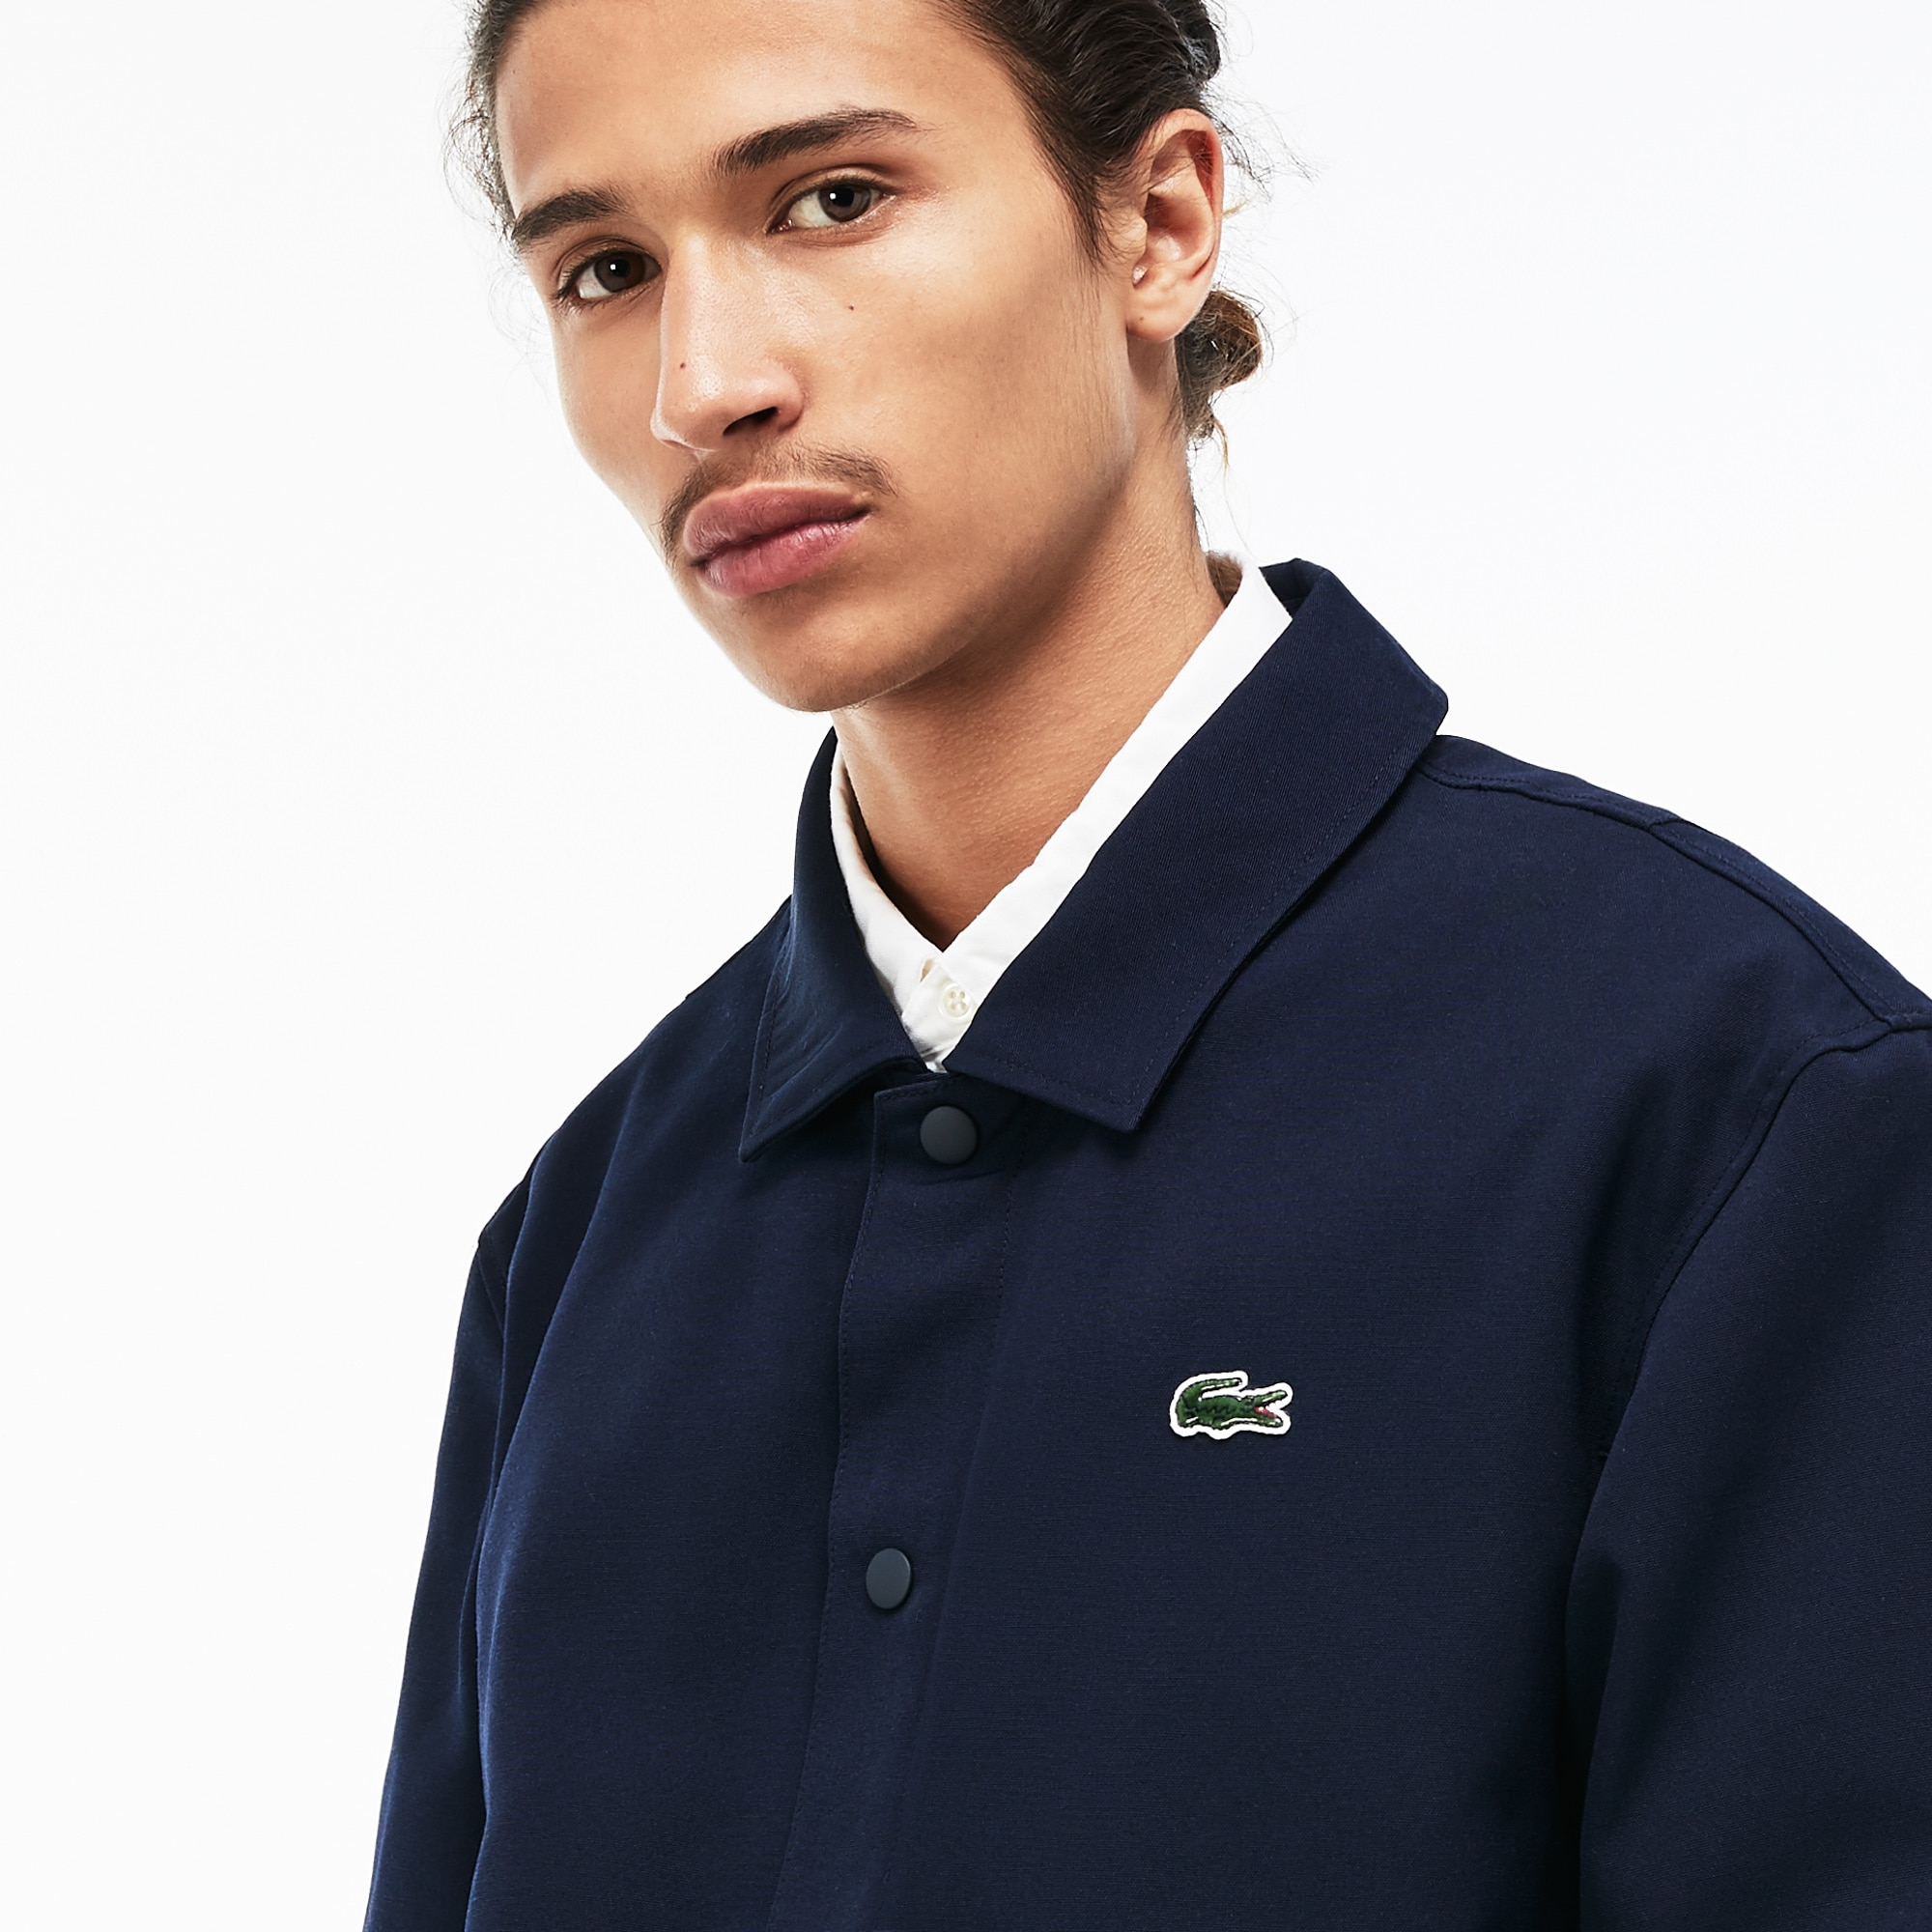 a1329da8de Manteaux & Blousons | Vêtements Homme | LACOSTE